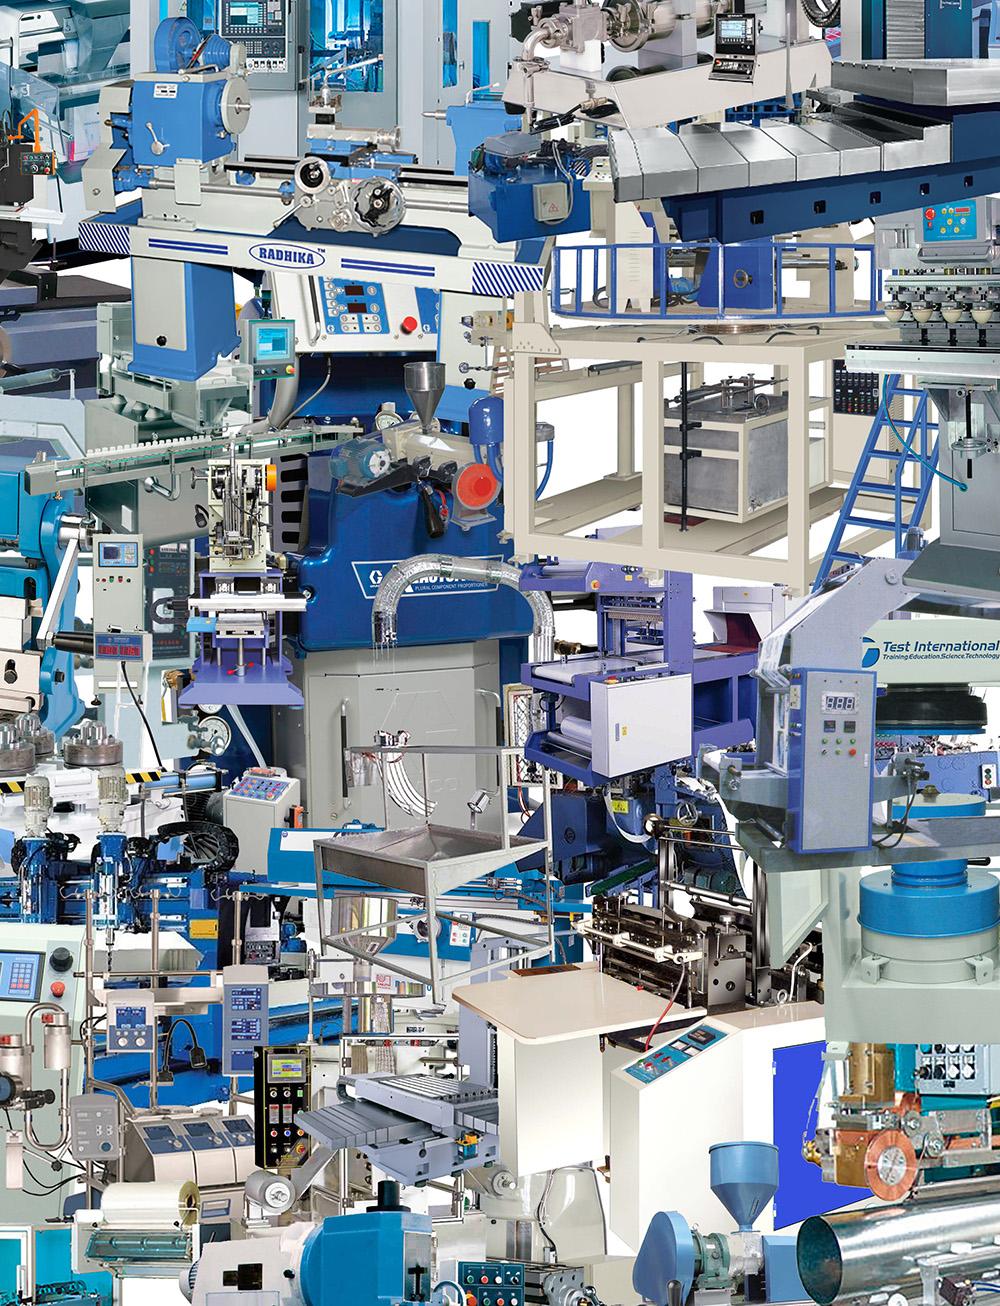 machine 2 crop 2 .jpg